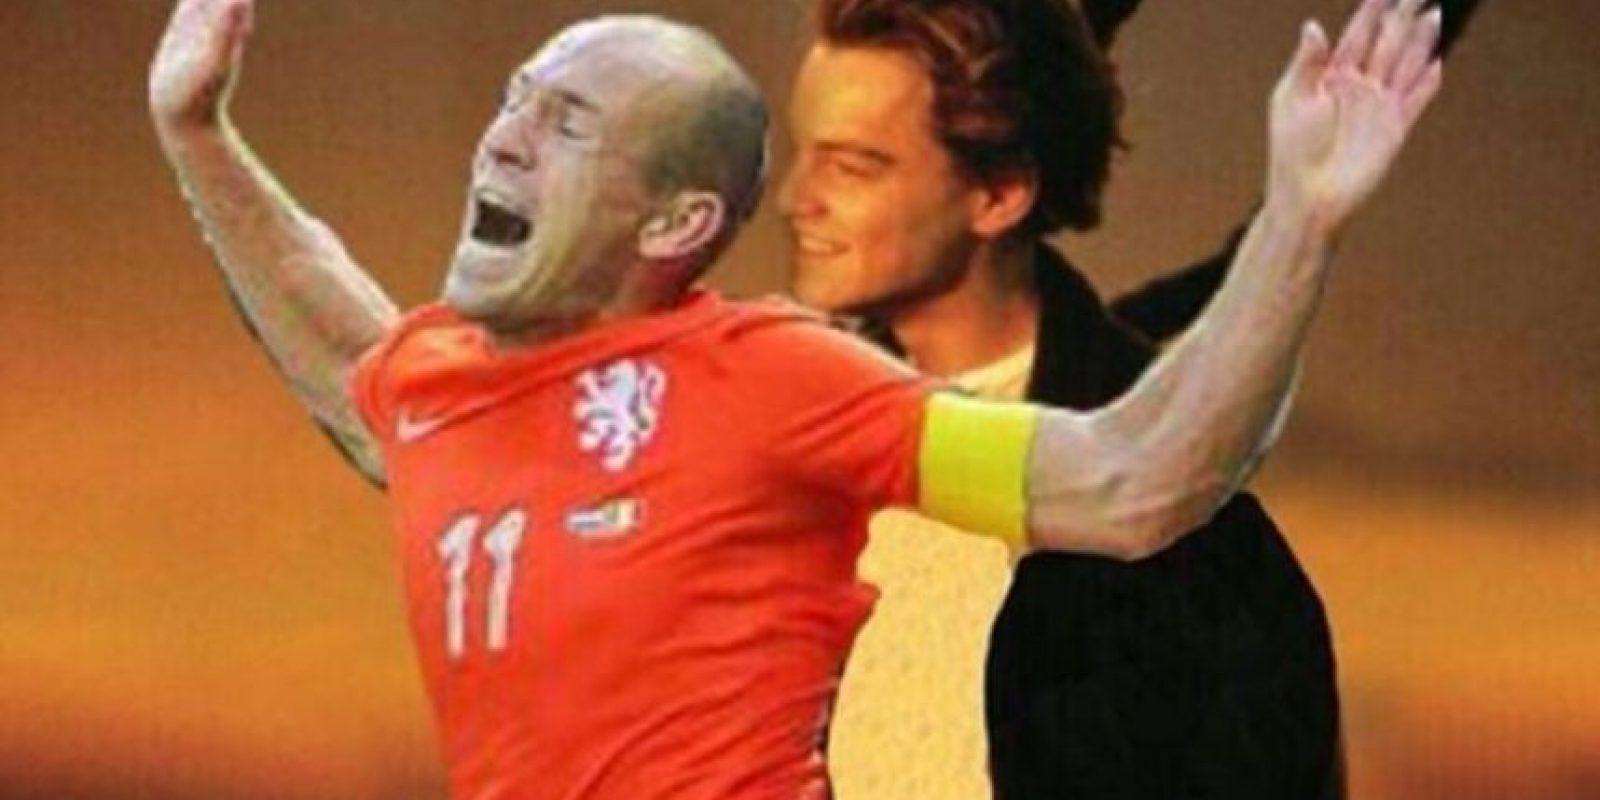 La caída del jugador holandés Arjen Robben en el partido de Holanda contra México en el Mundial Brasil 2014 Foto:Twitter